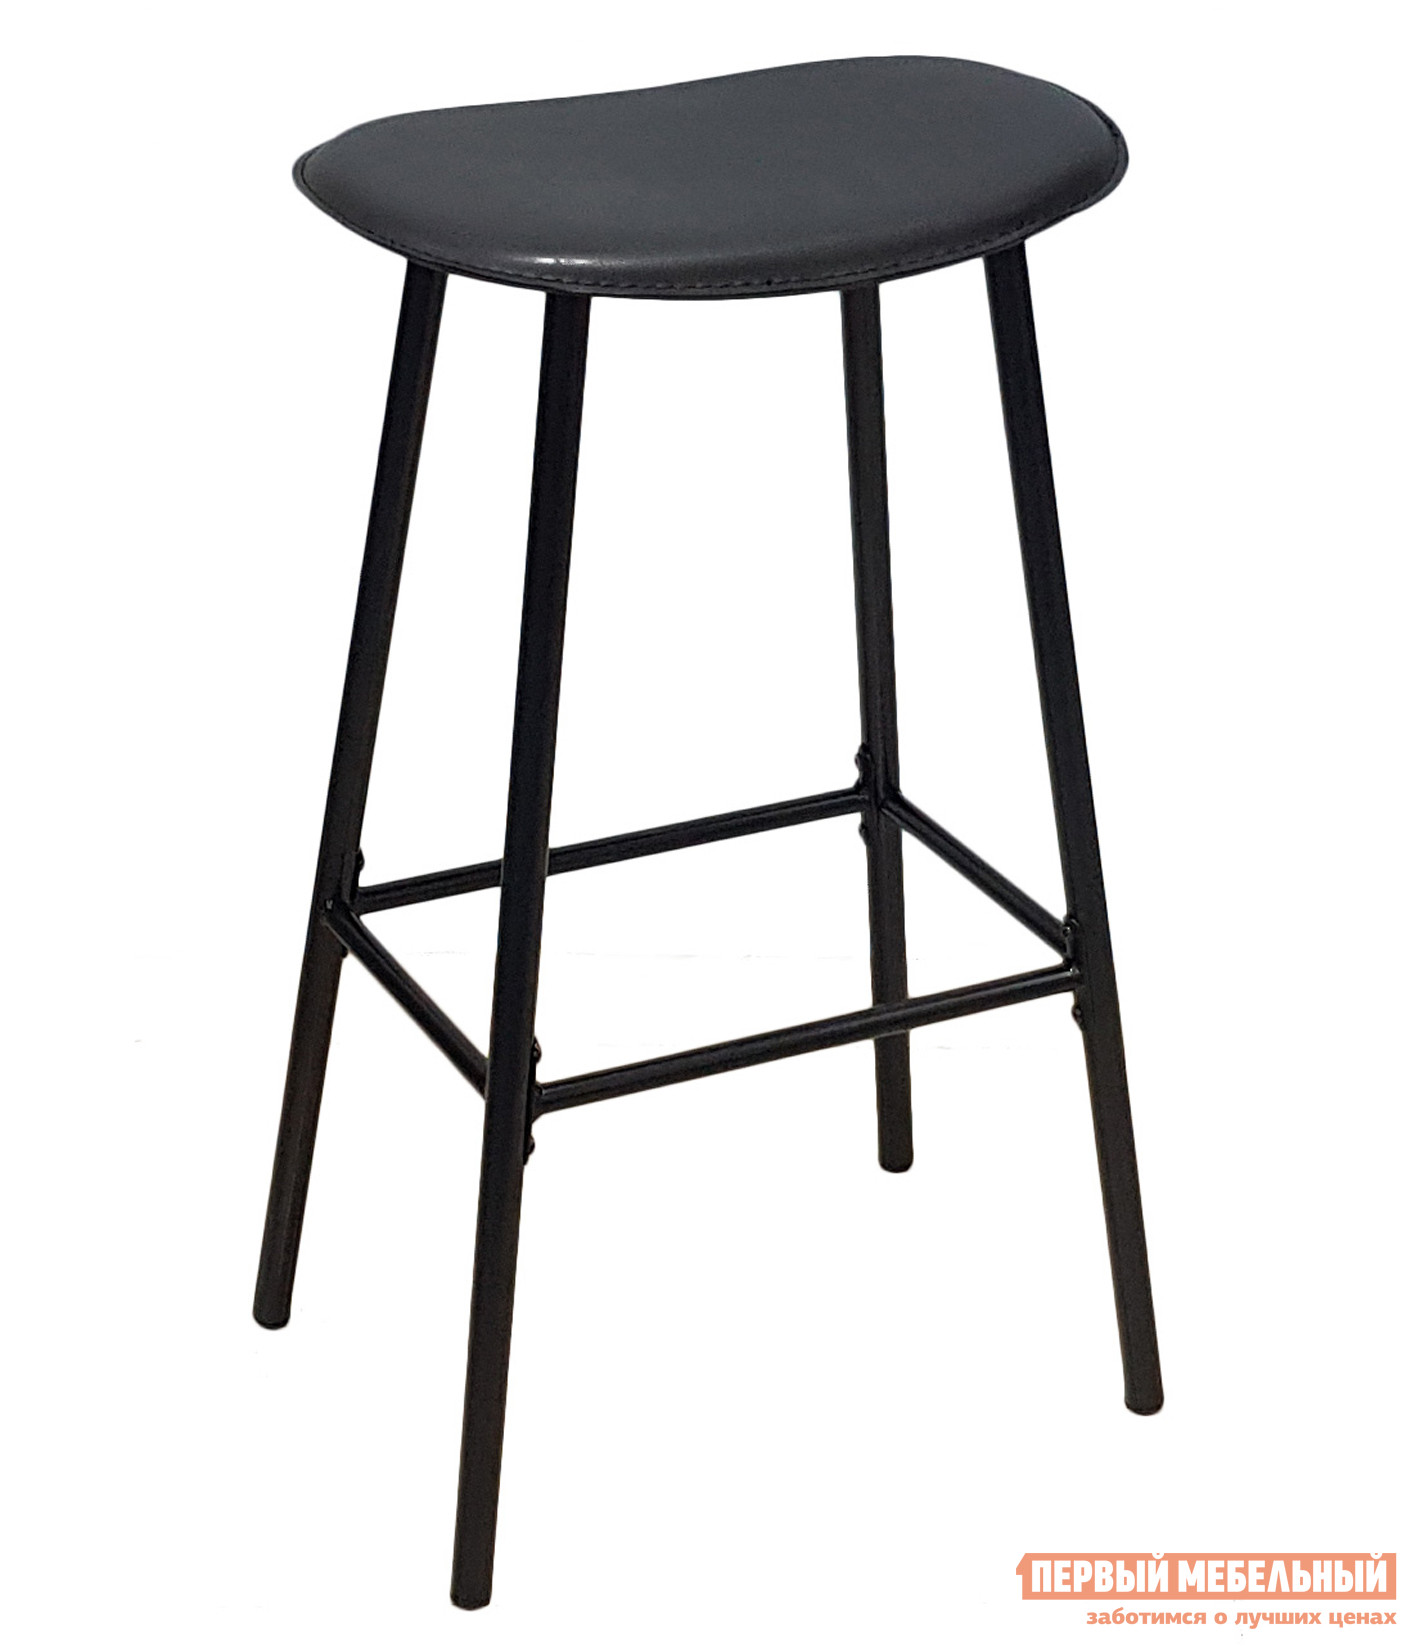 Барный стул Stool Group Мадейра барный стул stool group abba